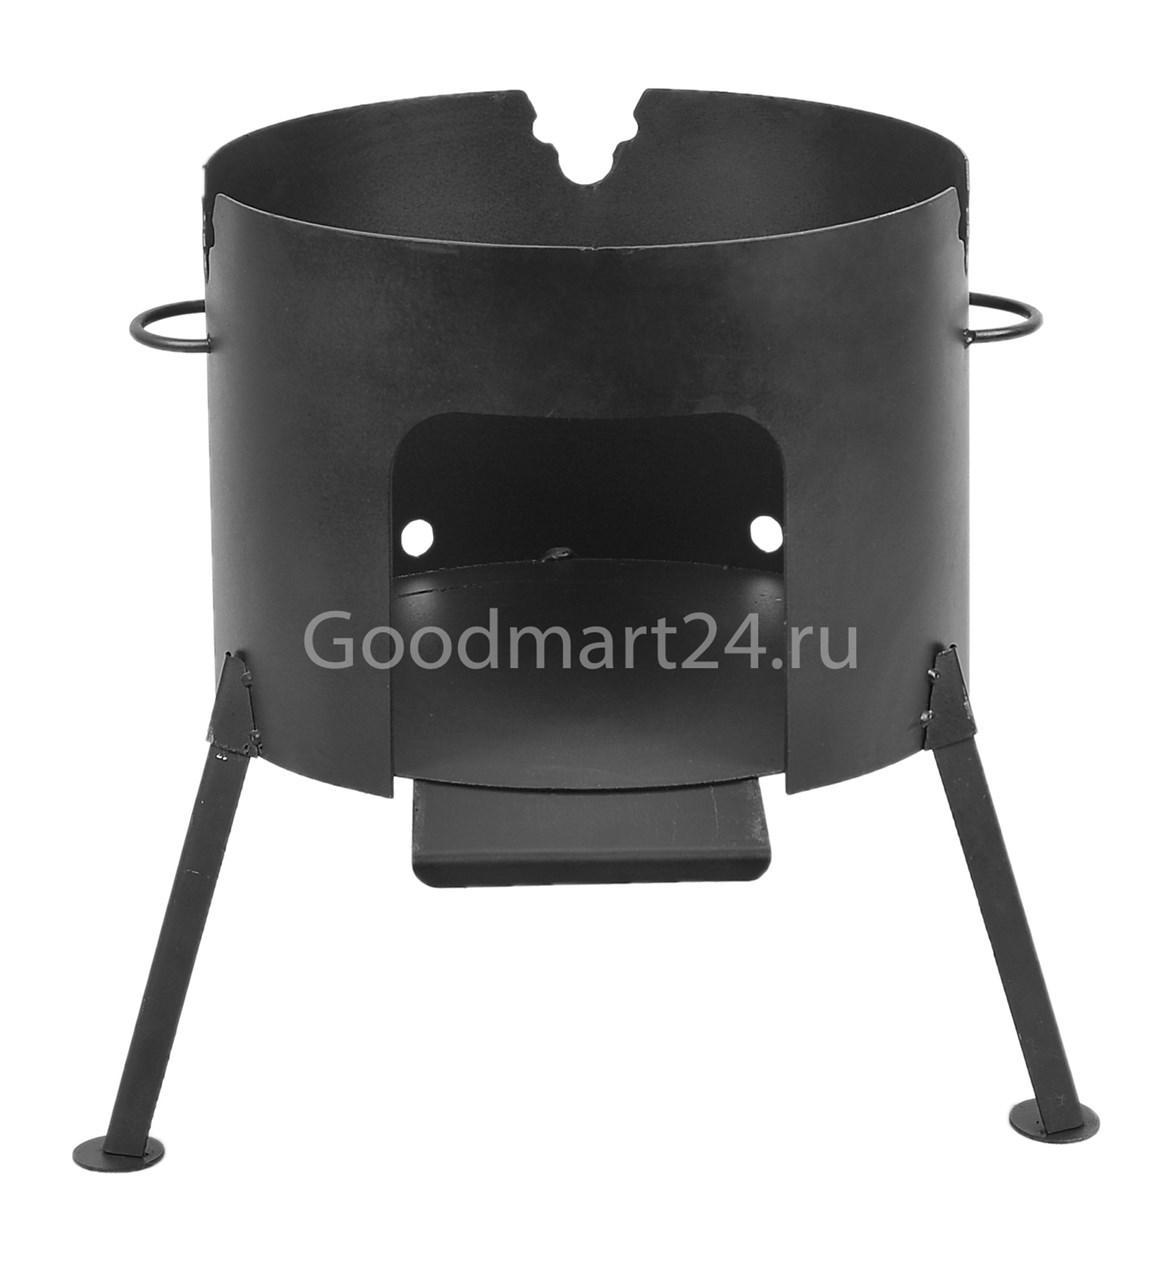 Печь под казан на 4 л. D-280 мм. сталь 2 мм.